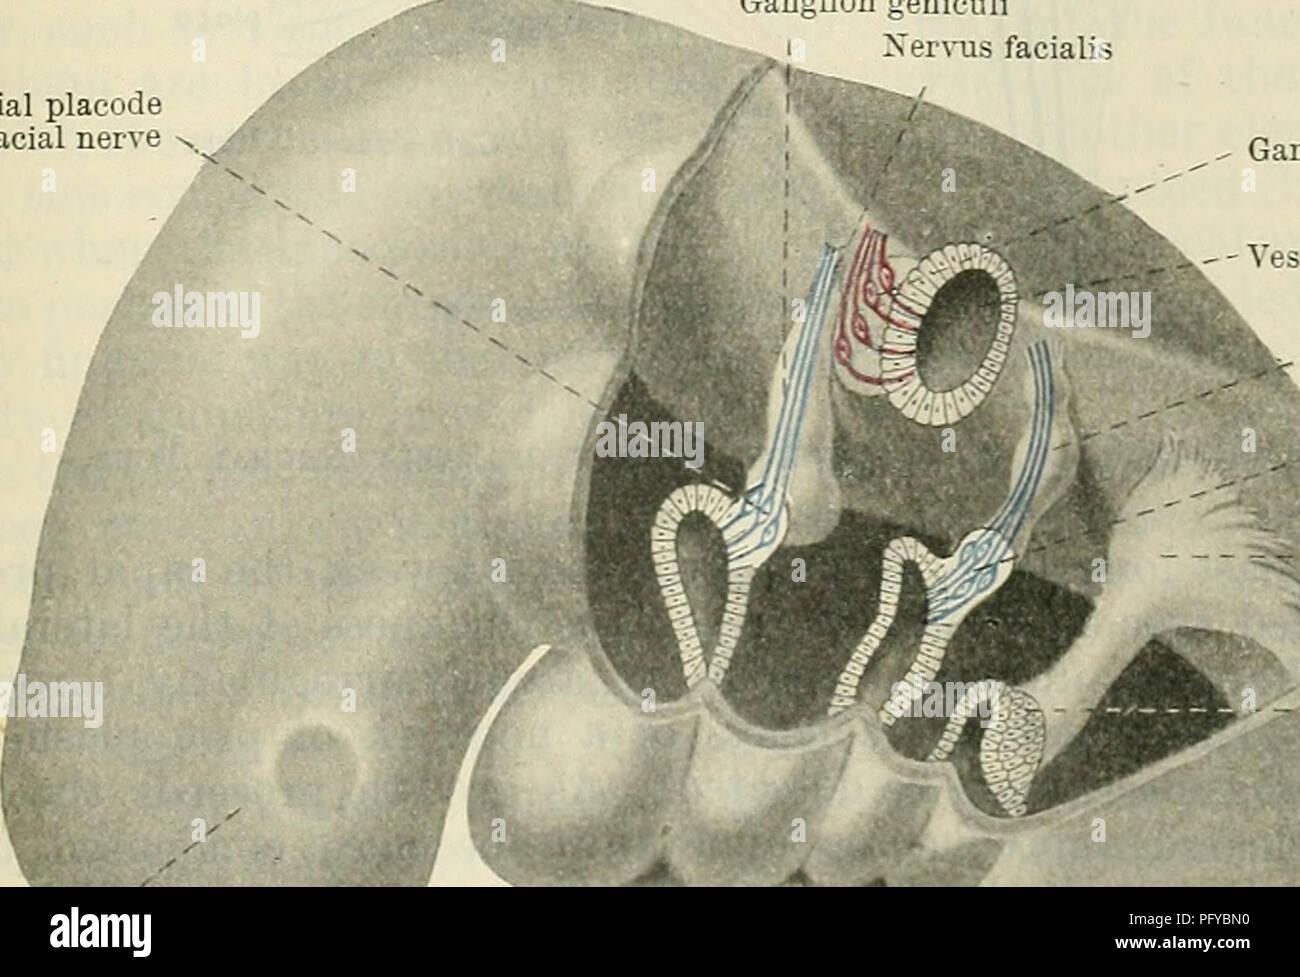 geni sædceller